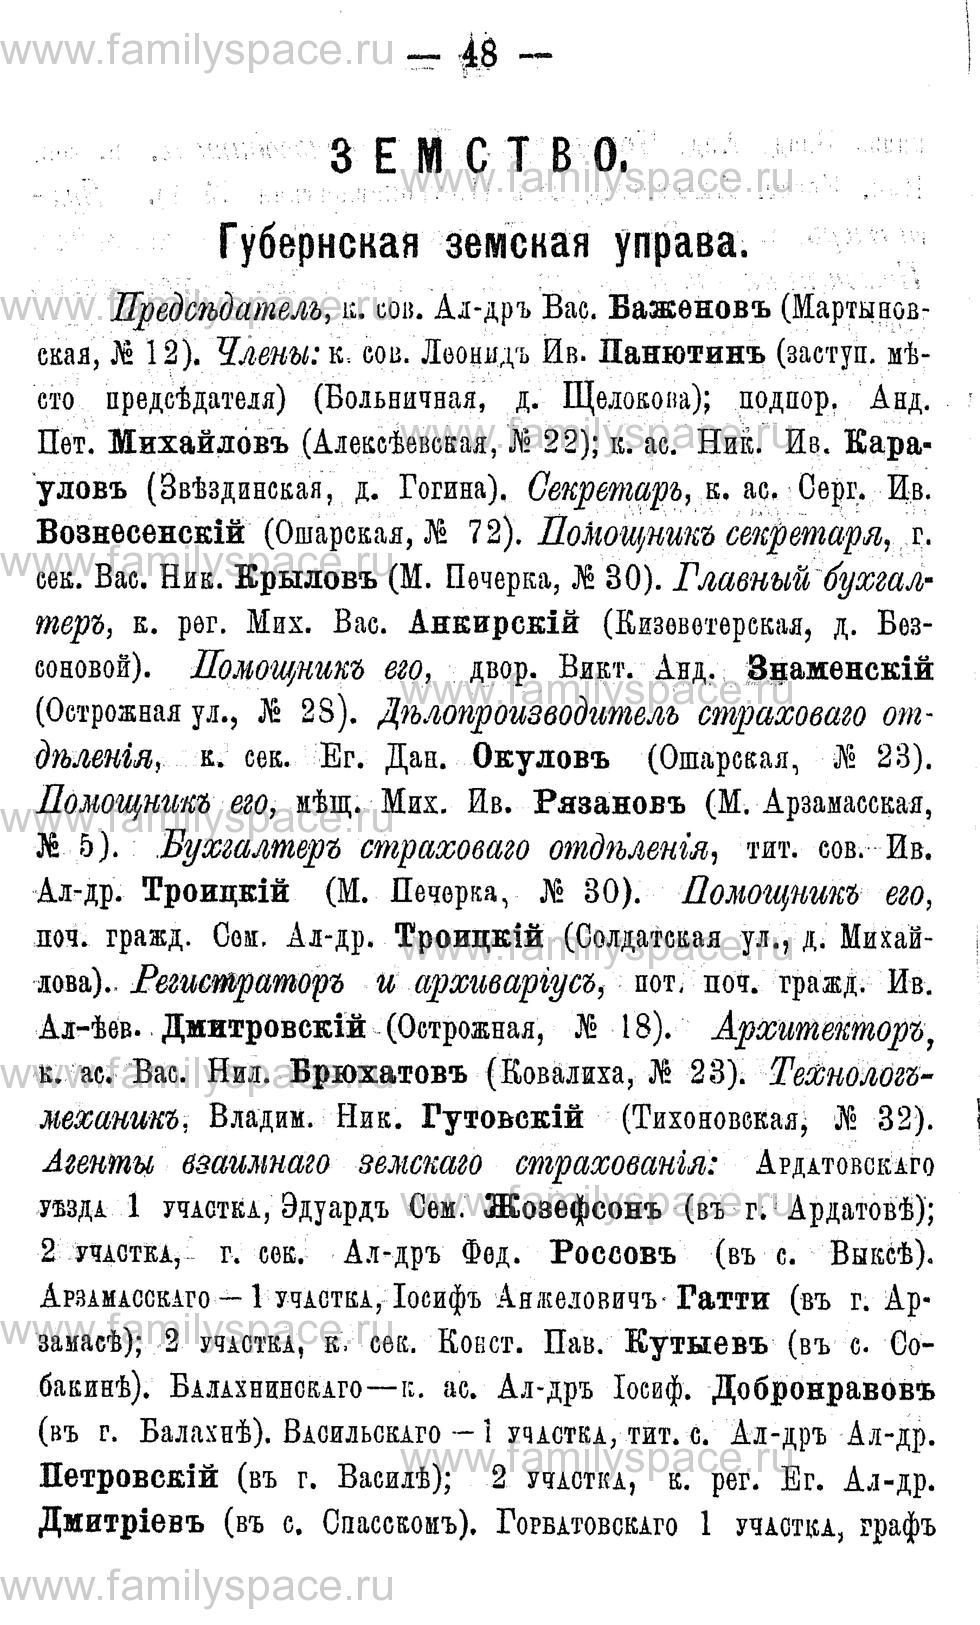 Поиск по фамилии - Адрес-календарь Нижегородской губернии на 1891 год, страница 48